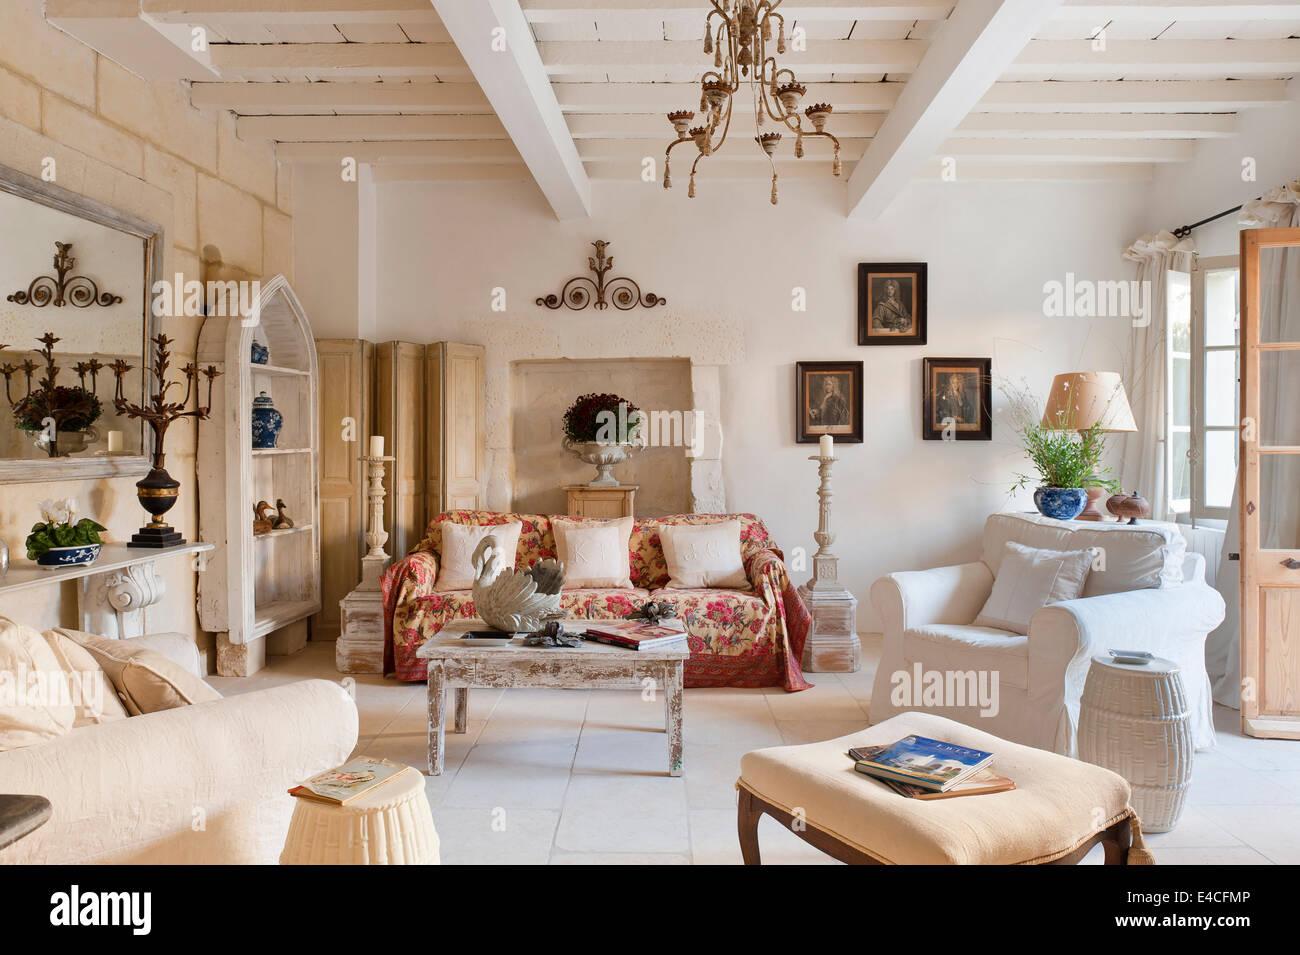 Con pavimenti in pietra provenzale camera salotto con poltrone e